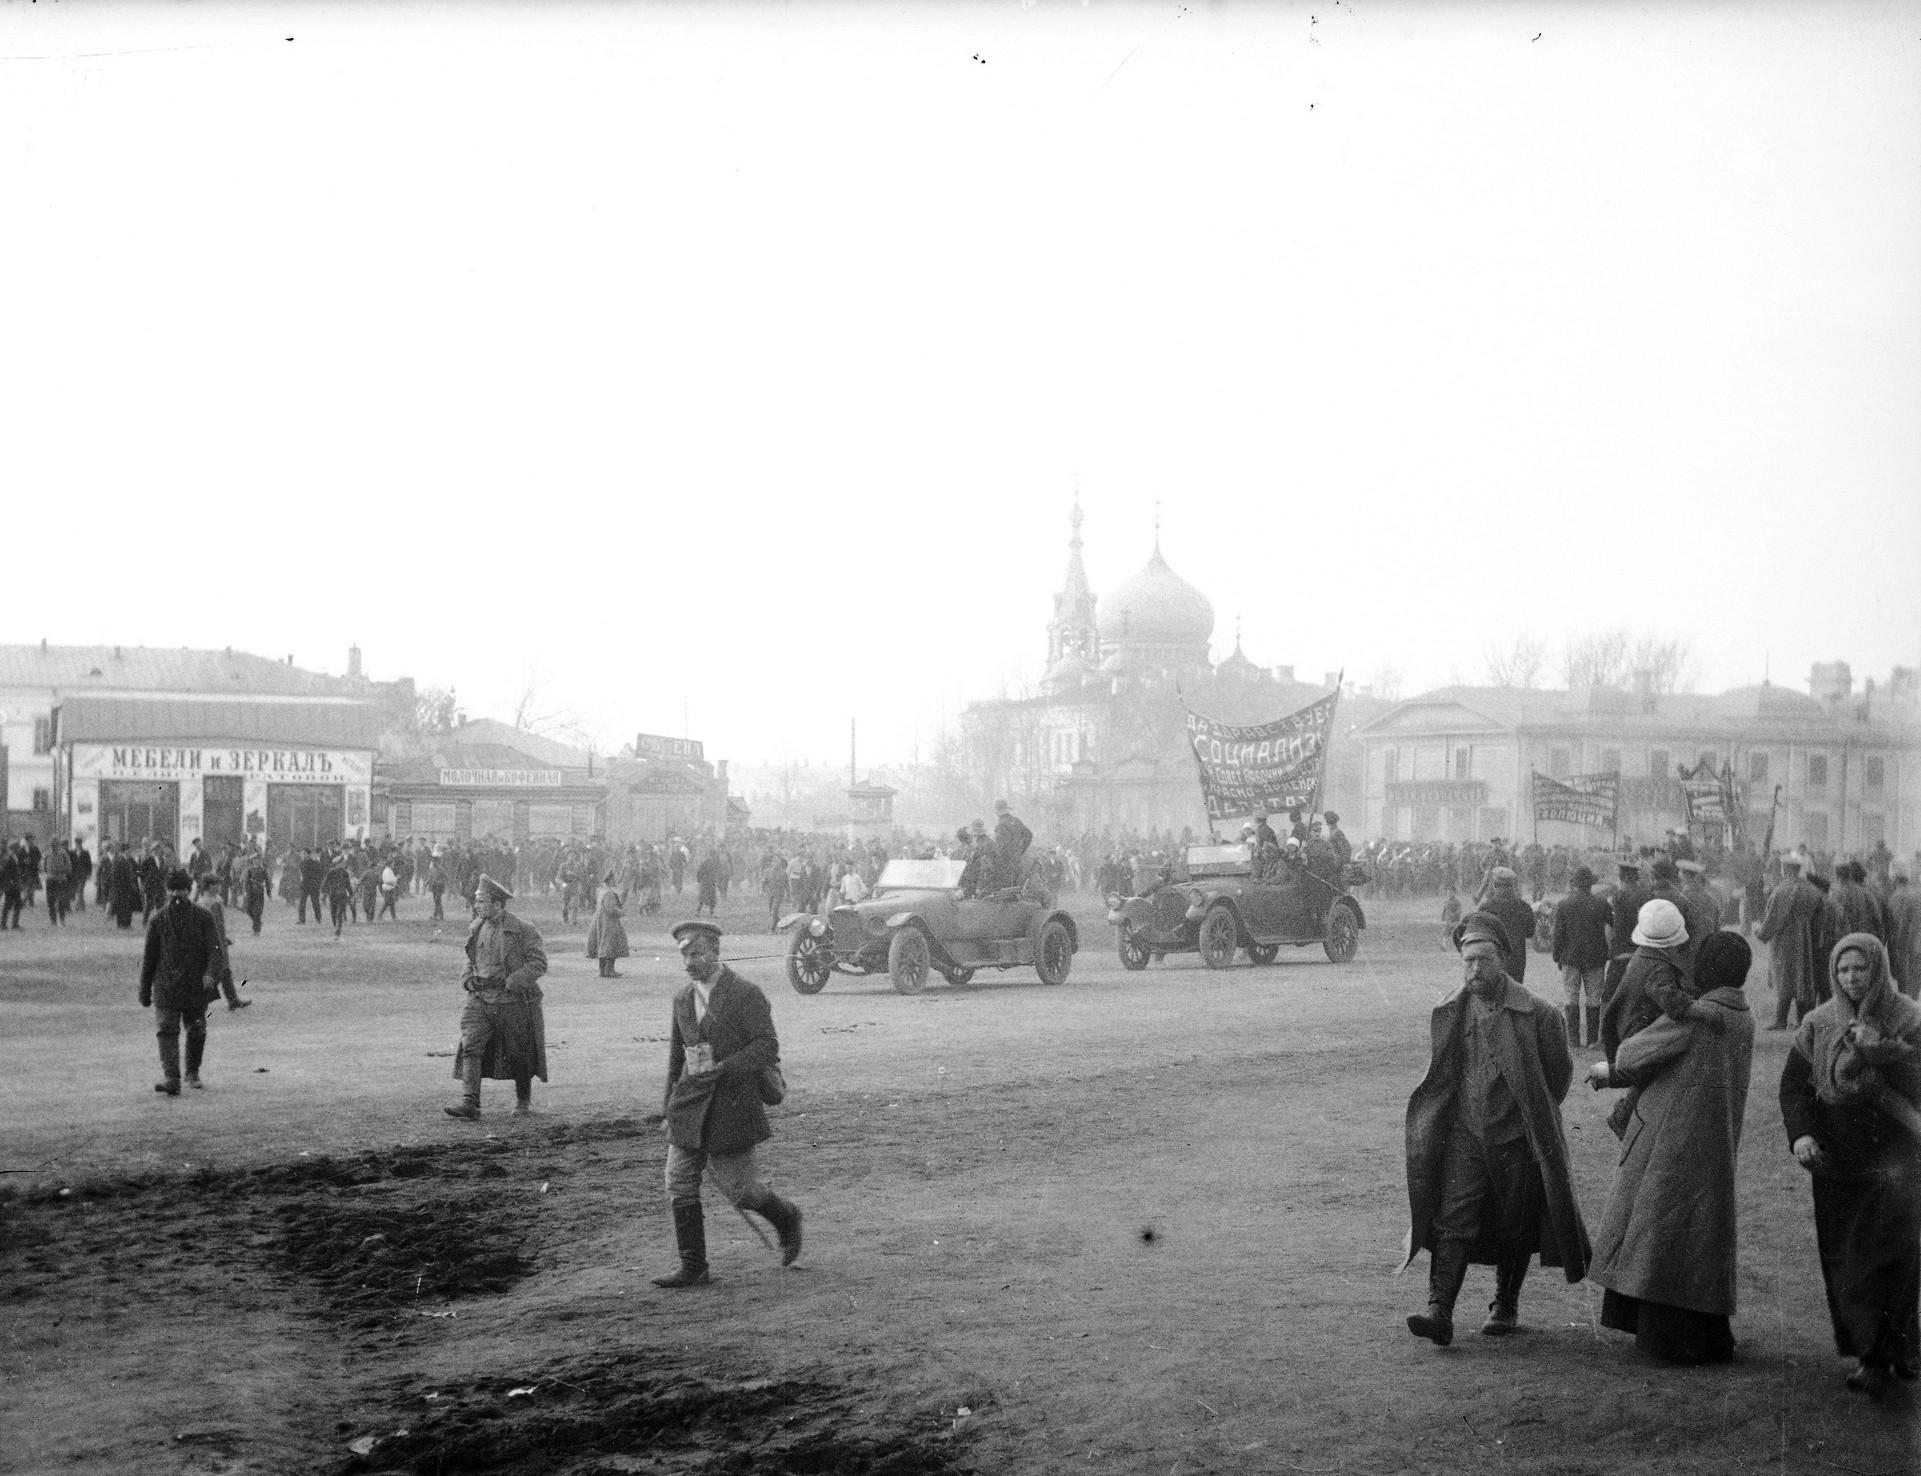 Омск в пору революционных событий 1917 - 1918 гг. на фотографиях М.И. Абросимова.